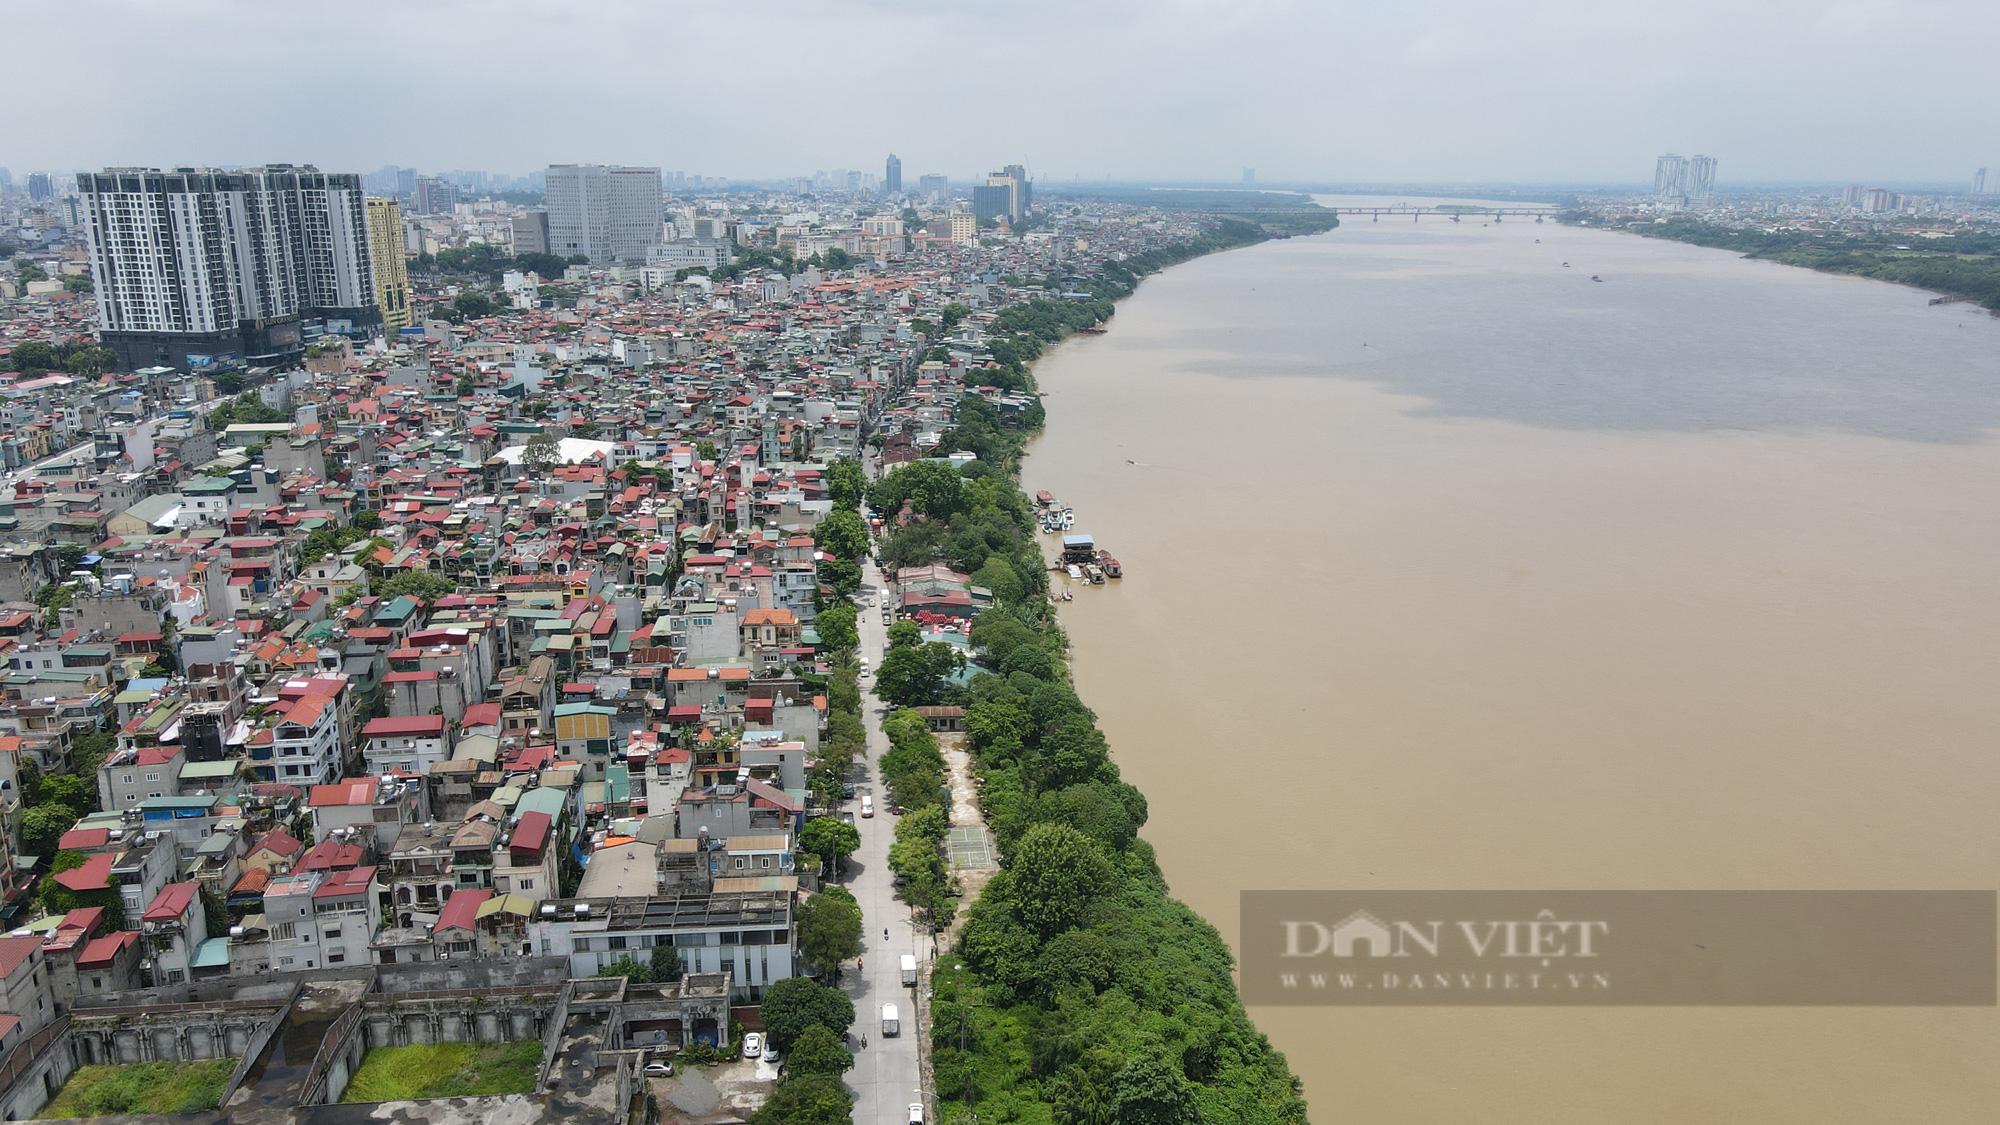 Bất động sản phía Đông Hà Nội hưởng lợi lớn từ quy hoạch đô thị sông Hồng - Ảnh 2.